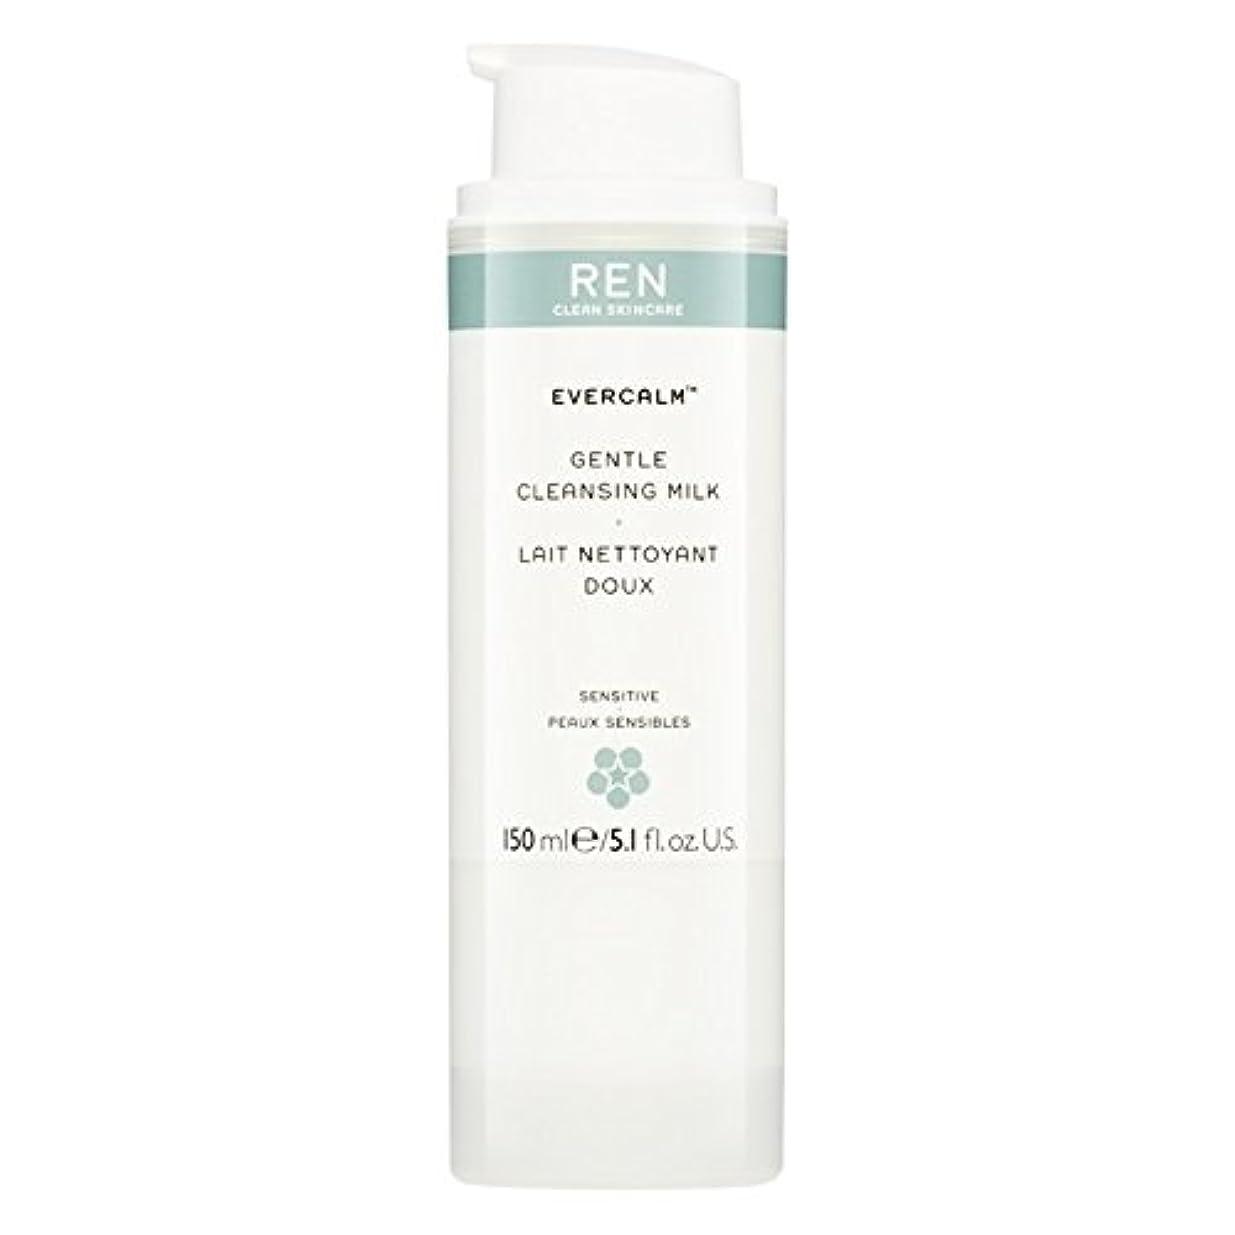 破裂苦難木製Ren Evercalm優しいクレンジングミルク、150ミリリットル (REN) (x2) - REN Evercalm Gentle Cleansing Milk, 150ml (Pack of 2) [並行輸入品]